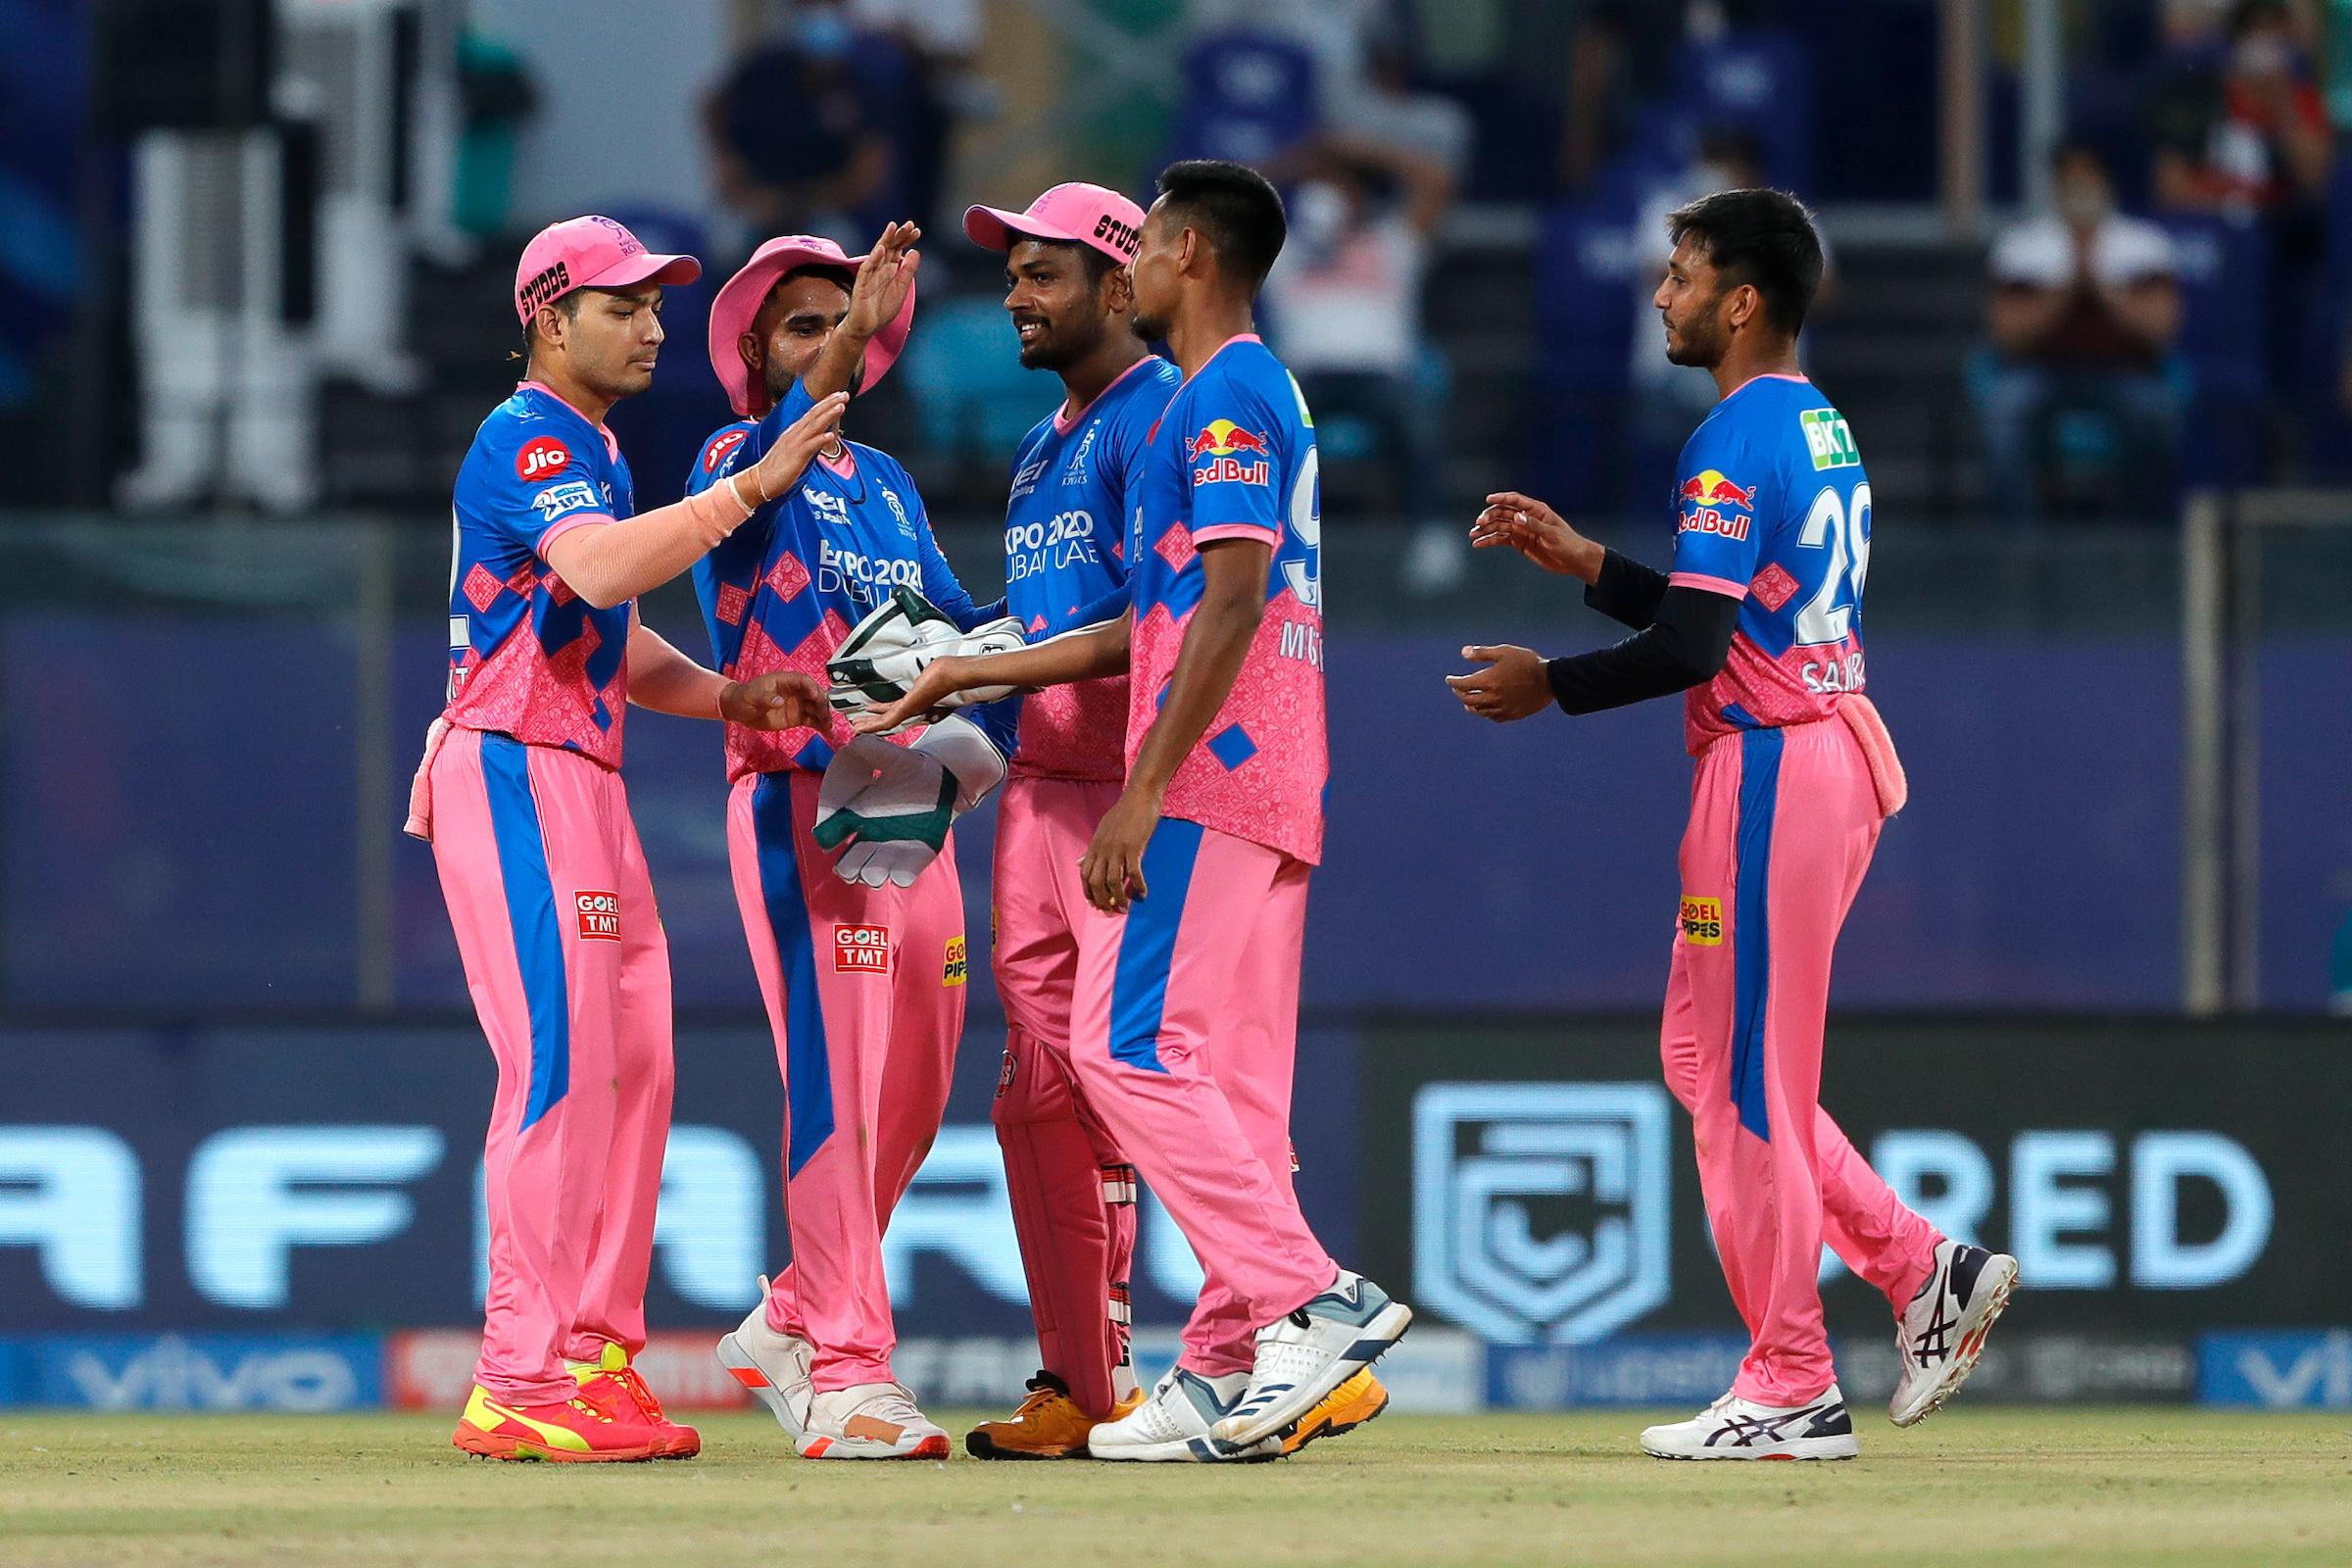 RRvsSRH : जीत के बाद संजू सैमसन ने जोस बटलर को लेकर बोली ऐसी बात, जीत लिया क्रिकेट फैंस का दिल 2